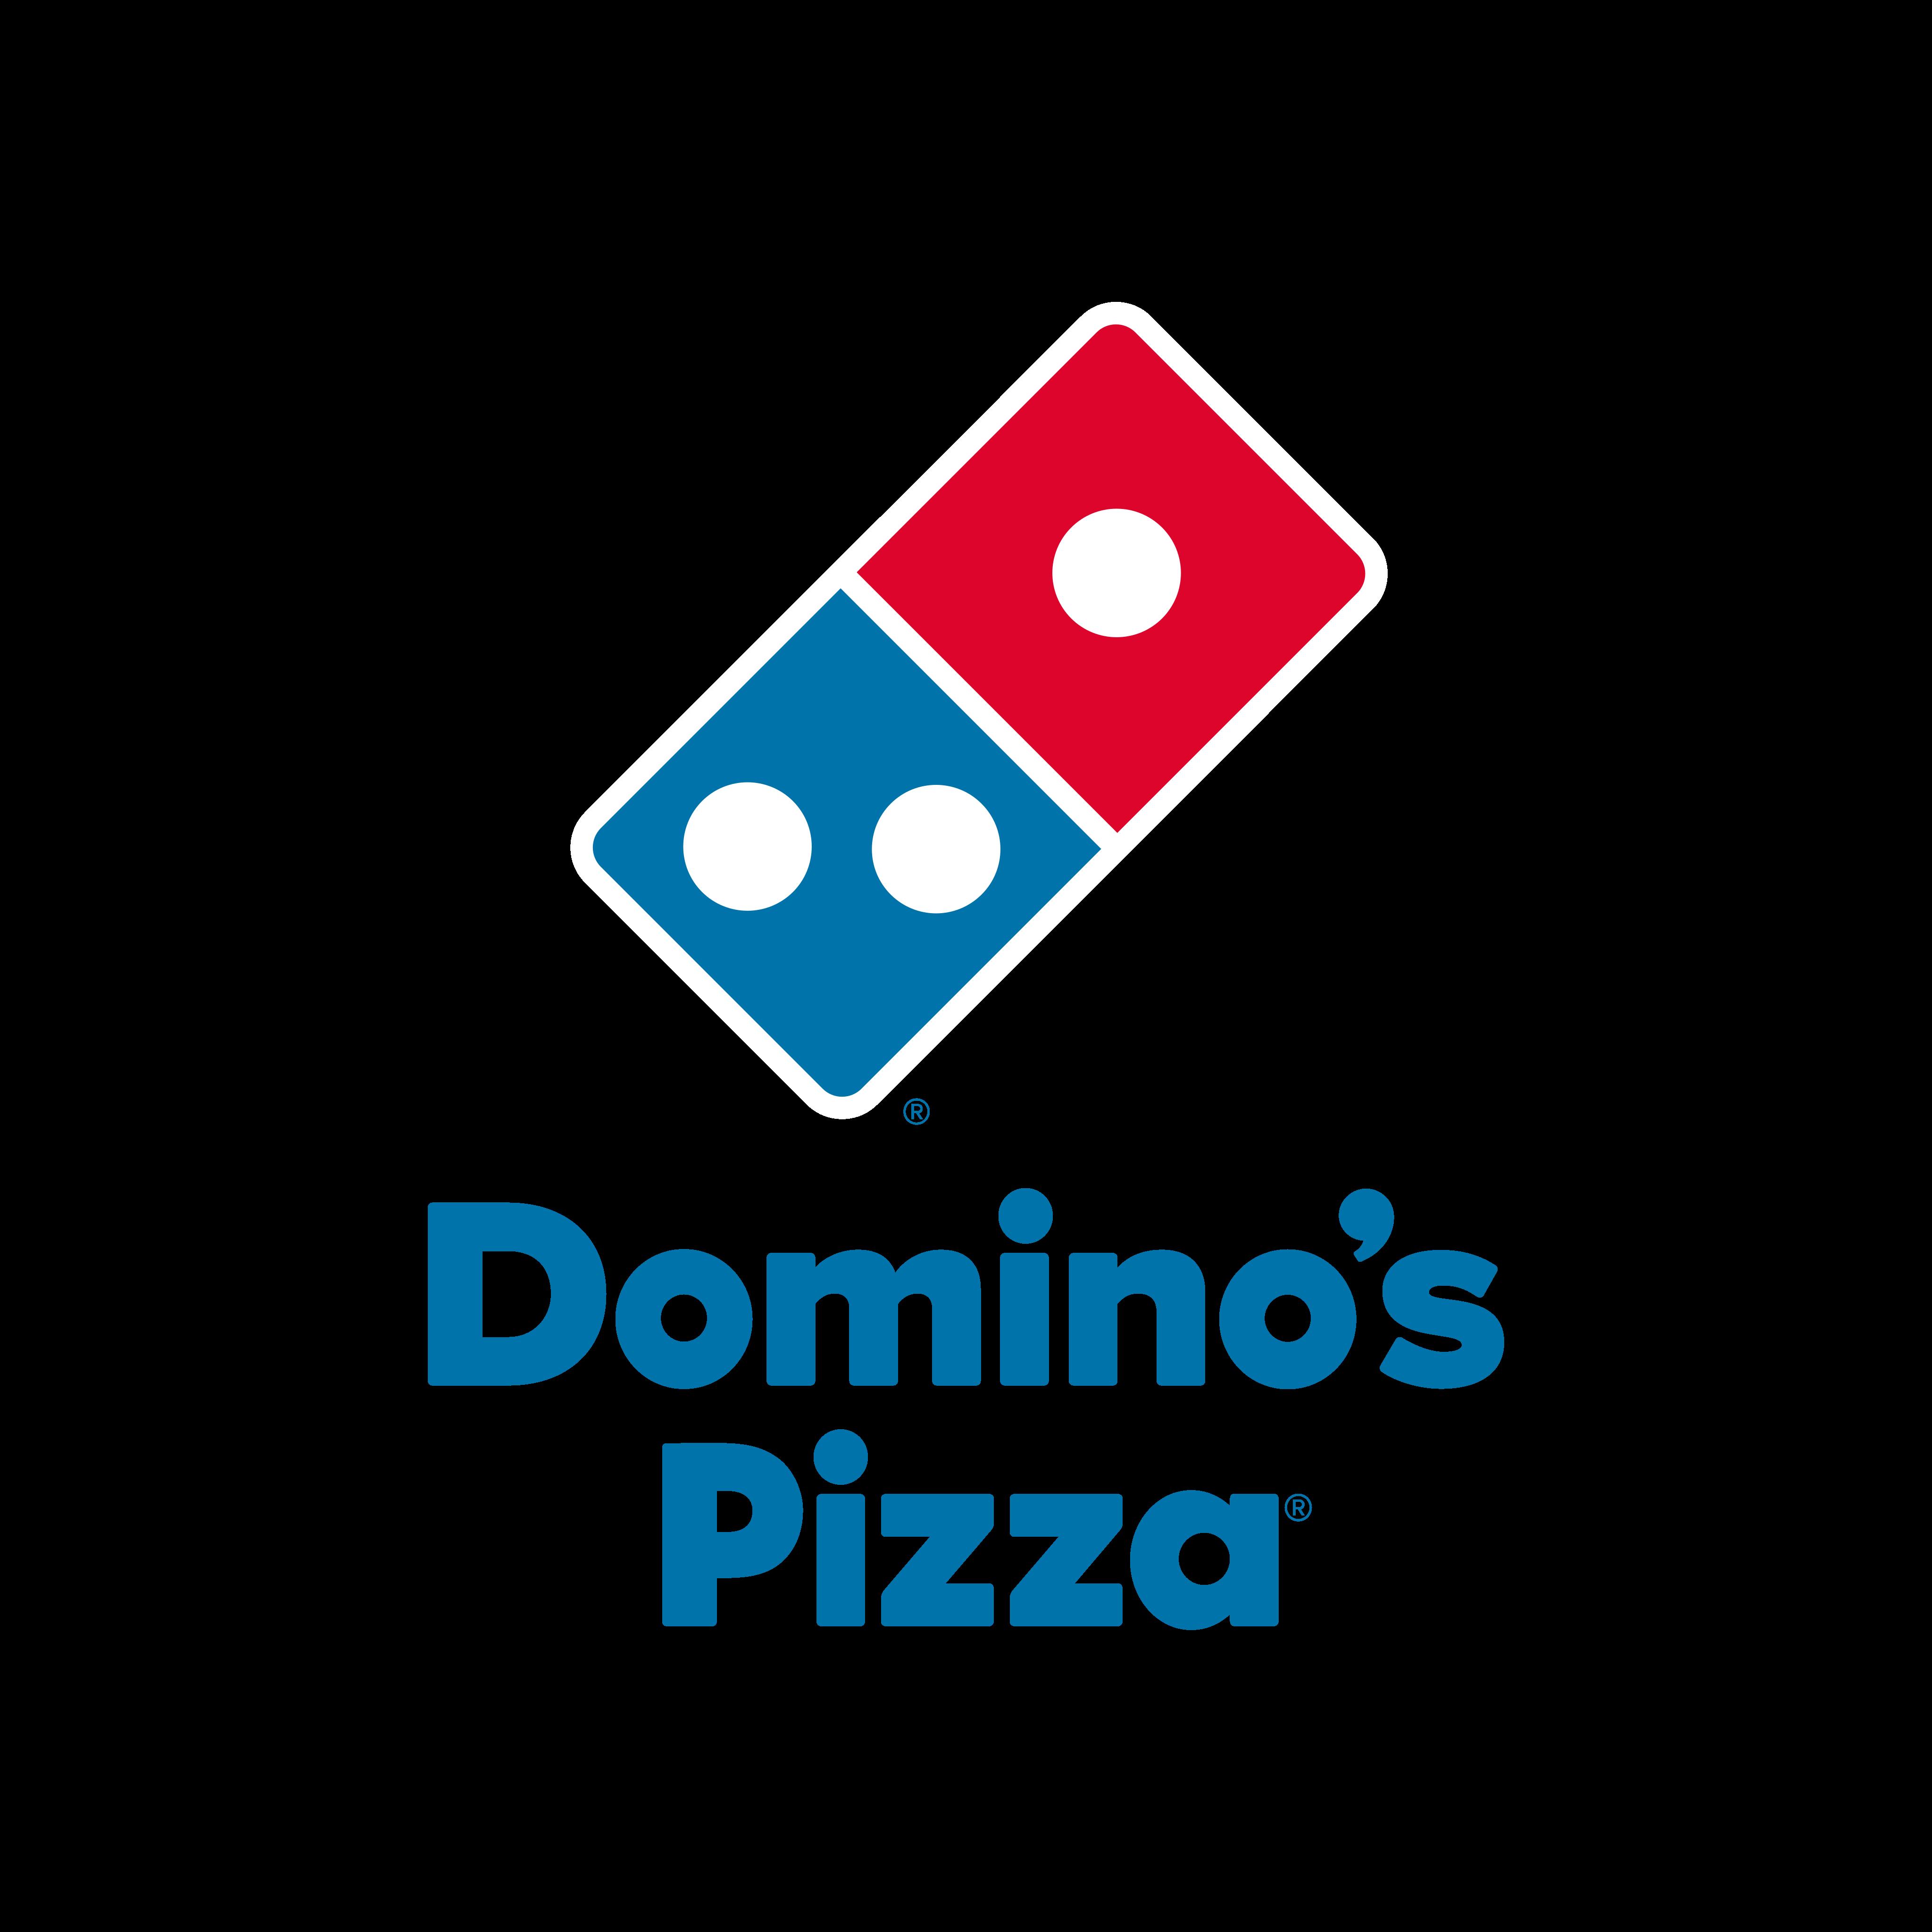 dominos pizza logo 0 - Domino's Pizza Logo